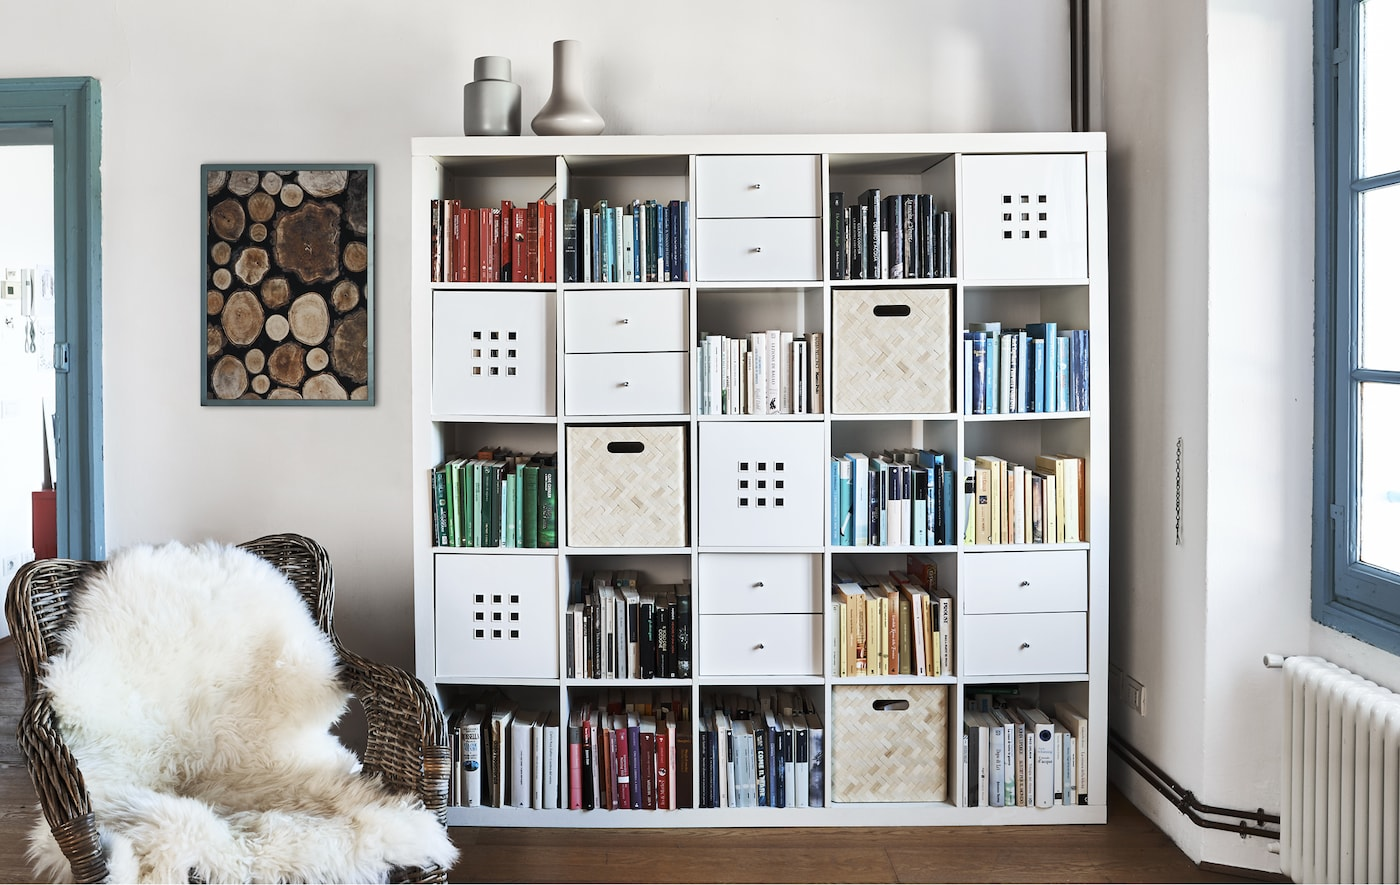 Boîtes et accessoires dans un grand rangement à casiers.